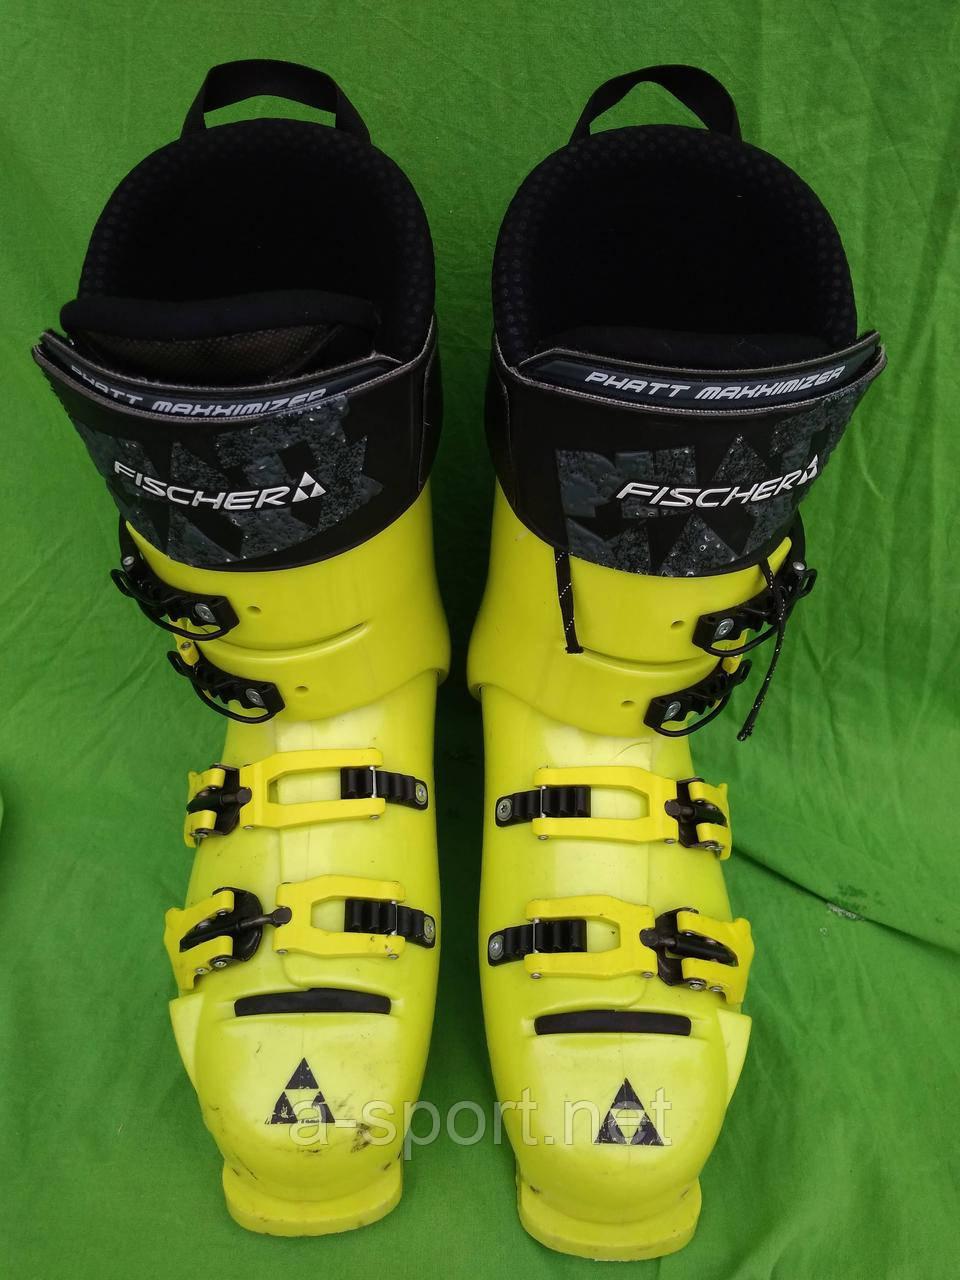 Гірськолижні черевики FISCHER RC4 Pro 150 Vacuum 27.5 см  продажа ... 01a1ae2e4726c